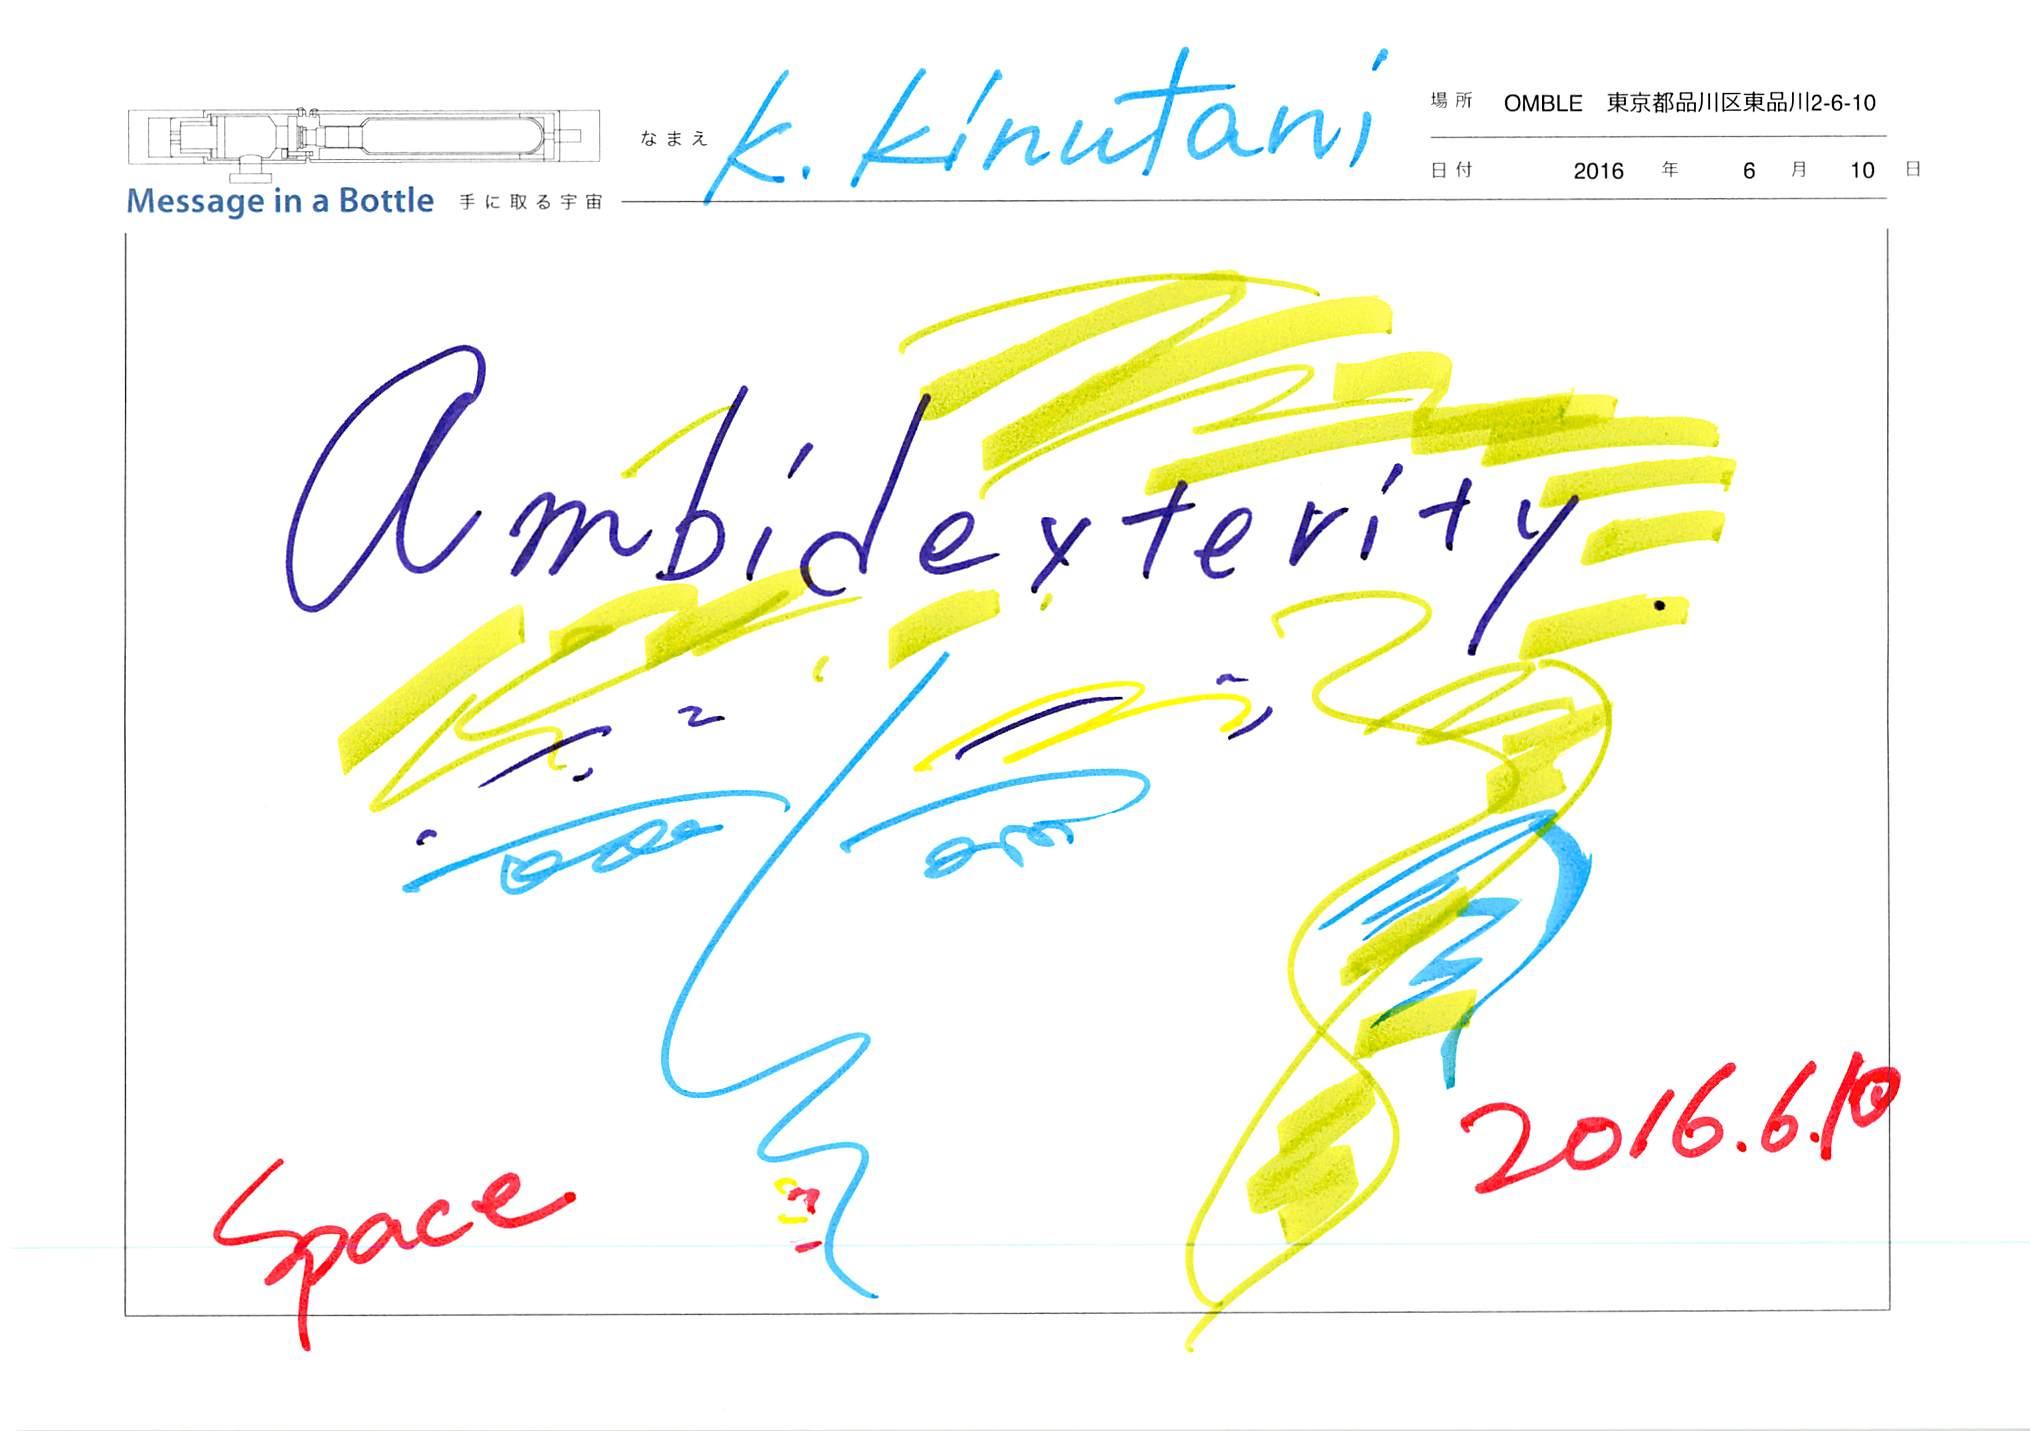 2016-06-10-20-22-43.jpg